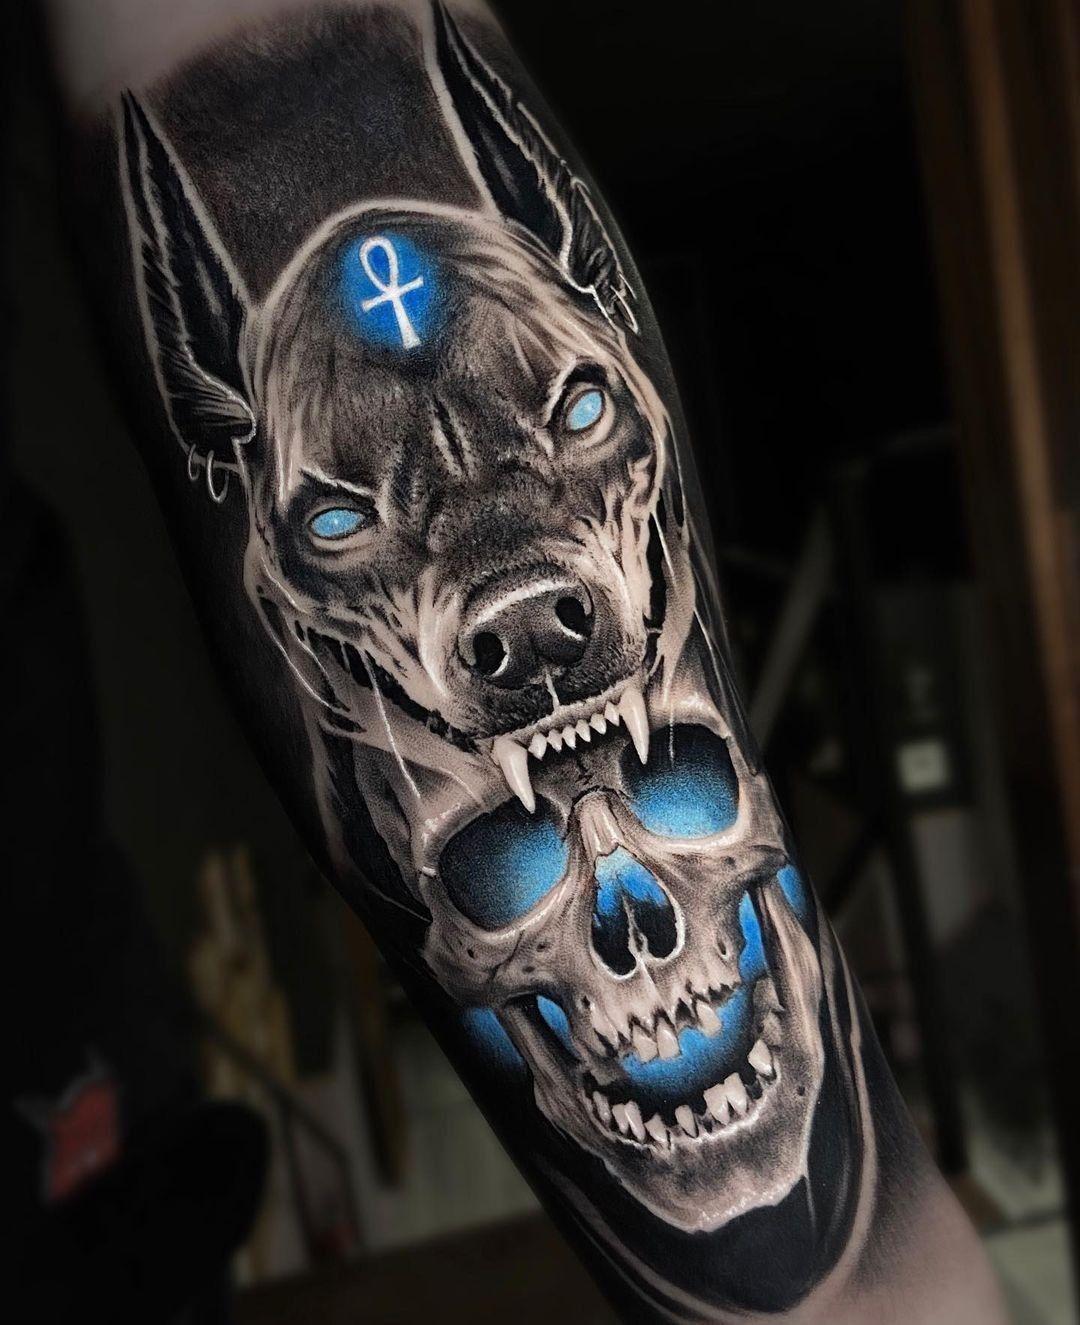 """IL TATUAGGIO MAGAZINE 🔴 on Instagram: """"#art by @angel.de.la.concha #anubistattoo #skulltattoo #tattoo #tatuaggio #iltatuaggio #inked #iltatuaggiomagazine #tattoos #tattooart…"""""""